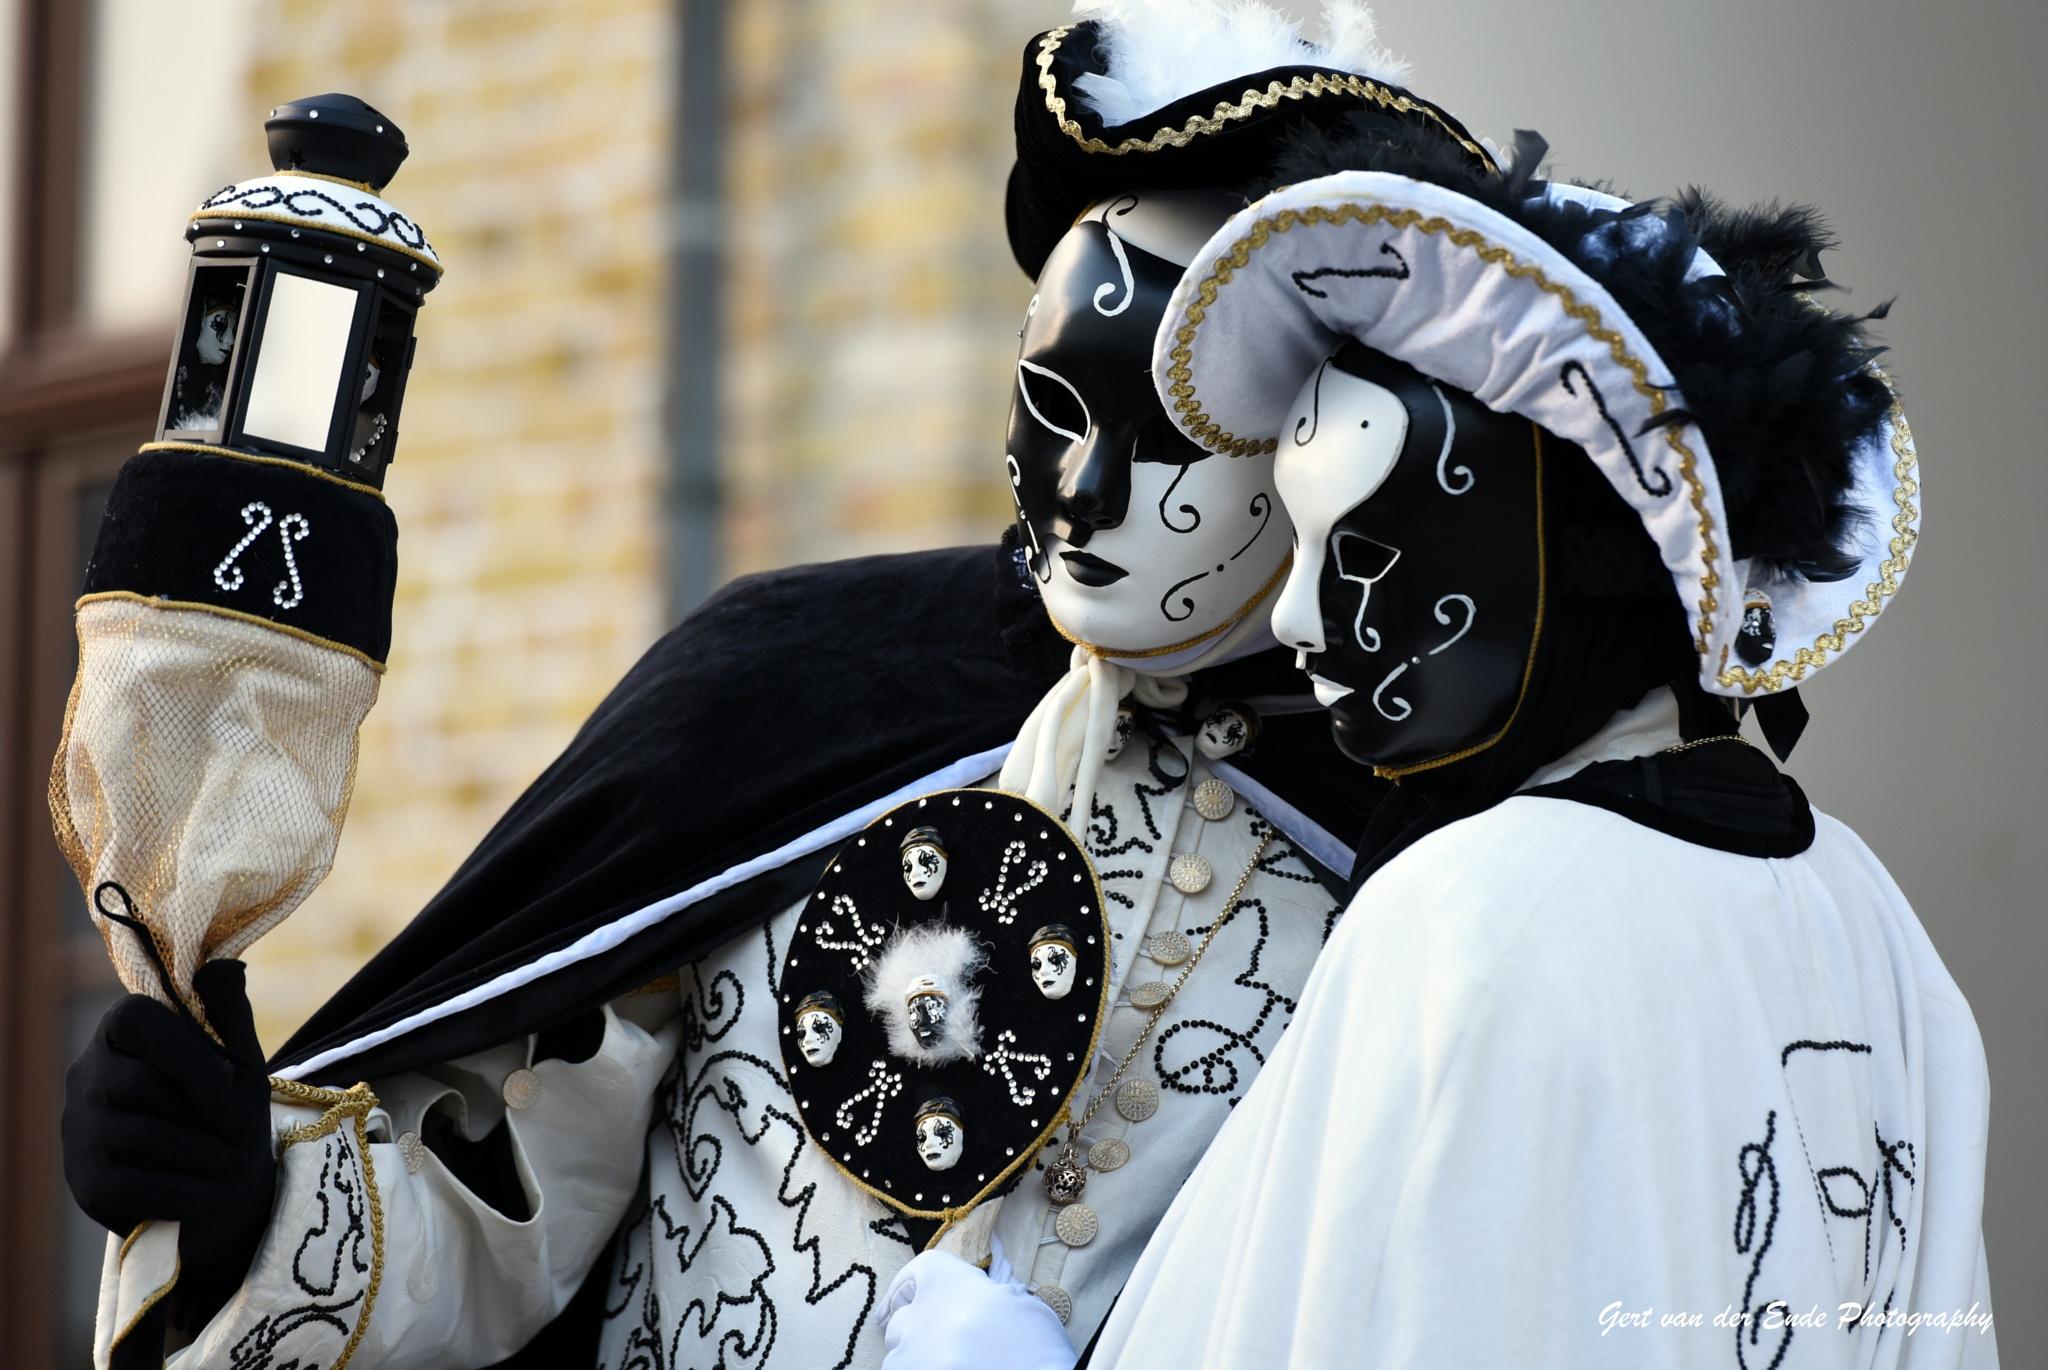 Costumes de Venise 2 by gert.vanderende